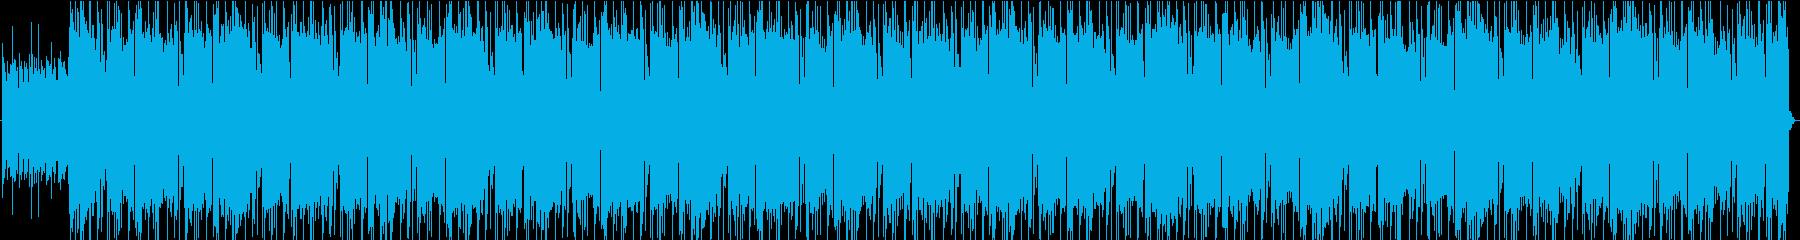 灼熱のロックの再生済みの波形